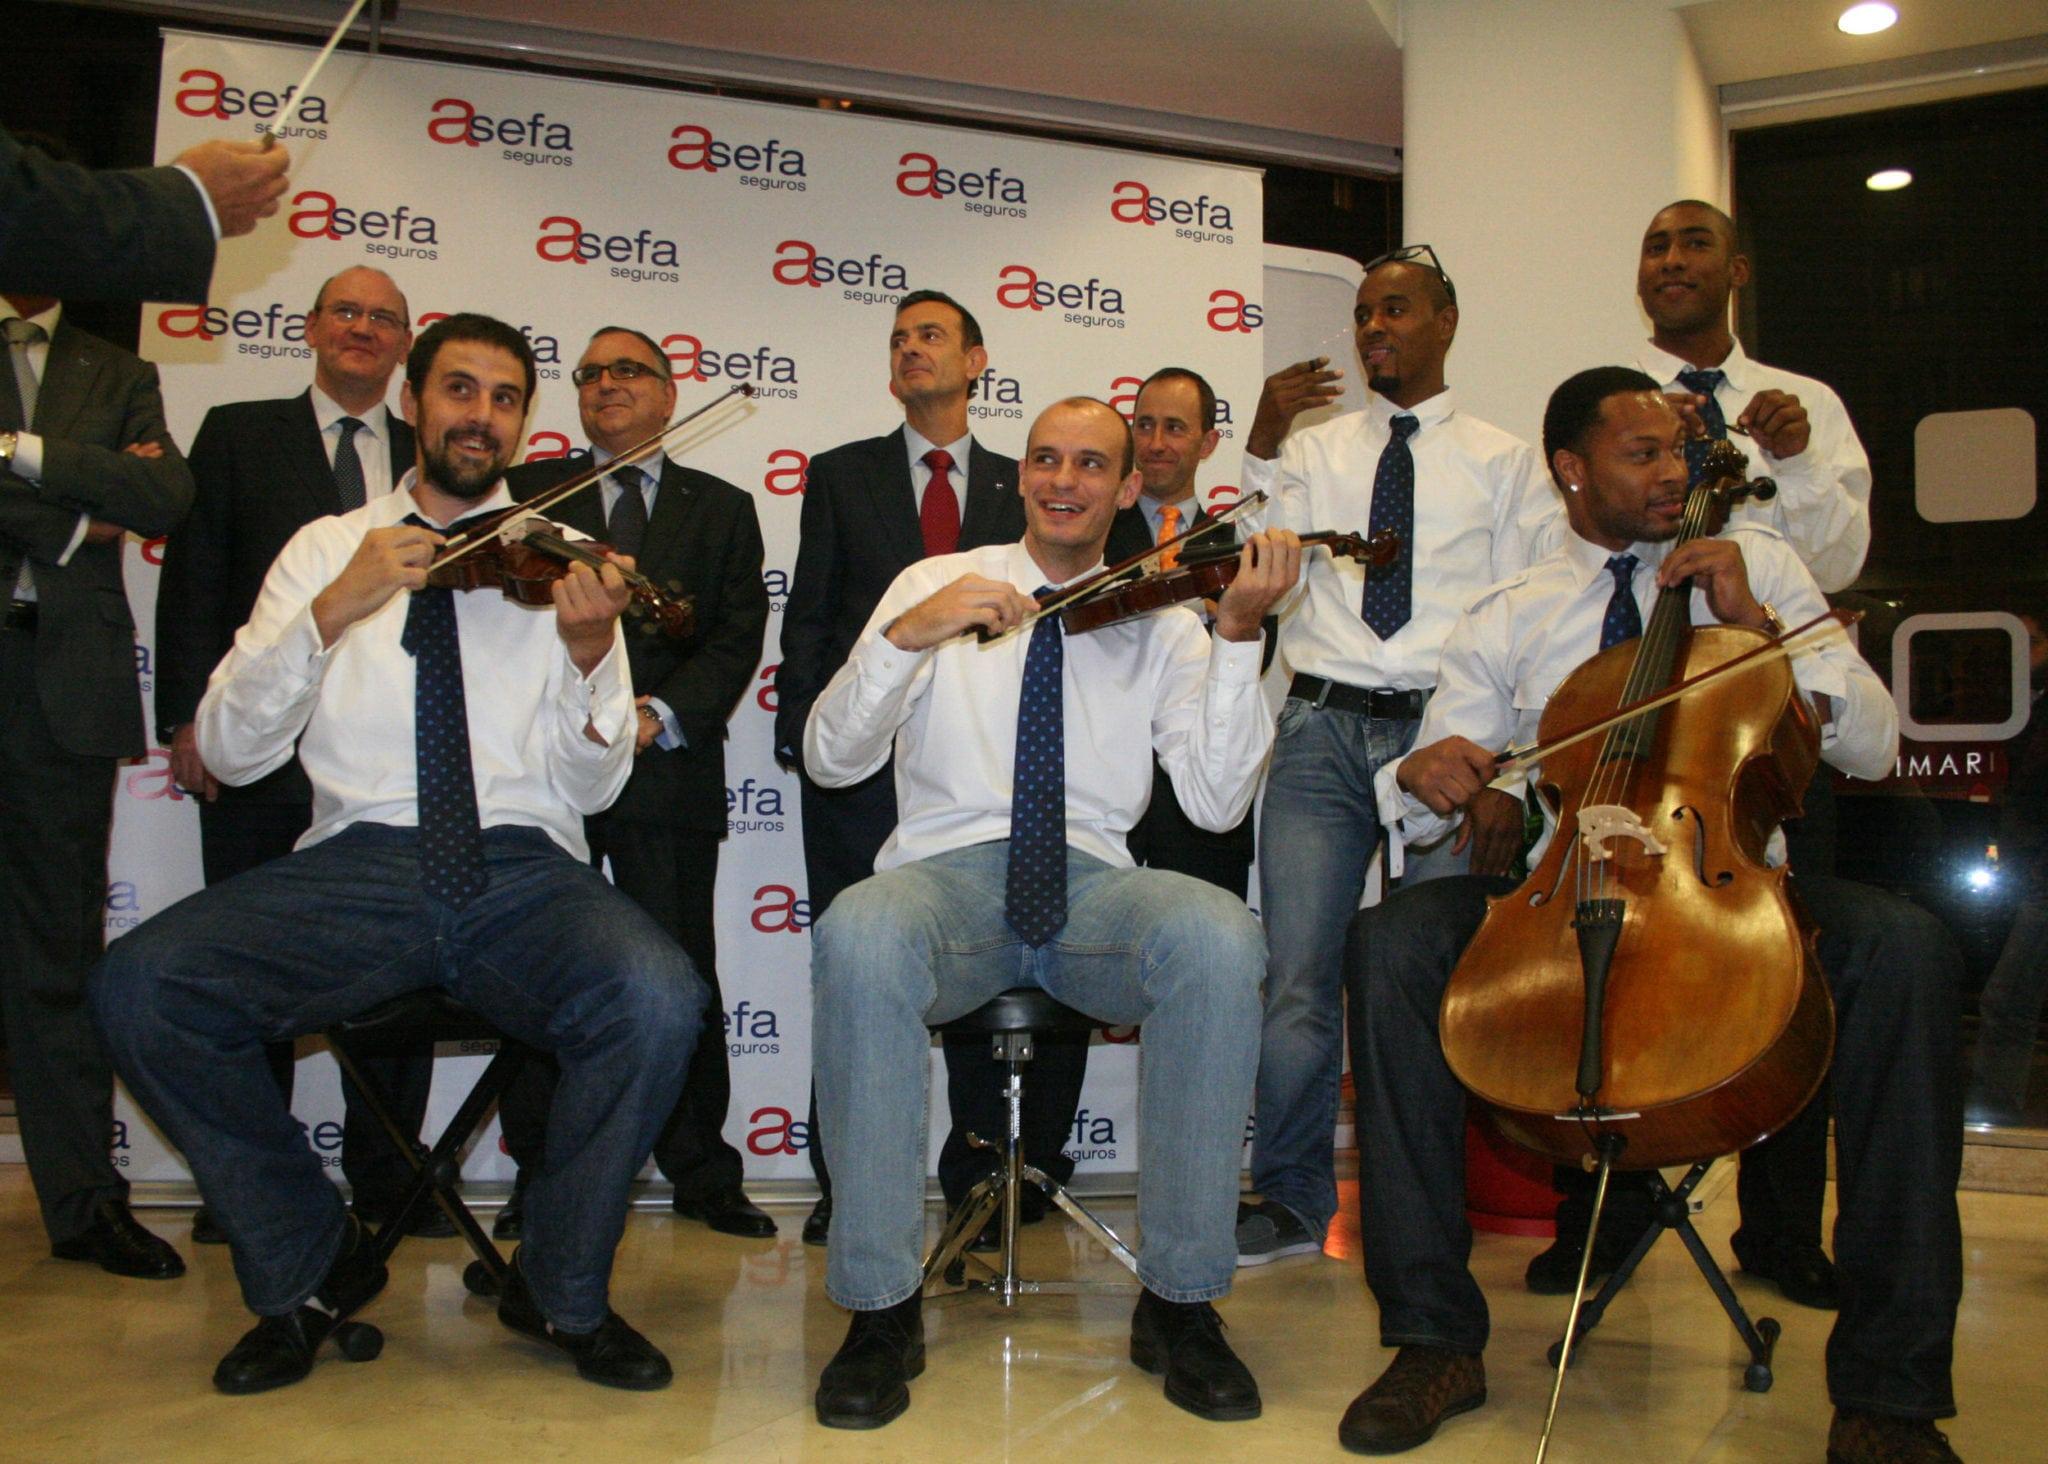 Los jugadores dan la nota en la inauguración de la nueva delegación de Asefa Seguros